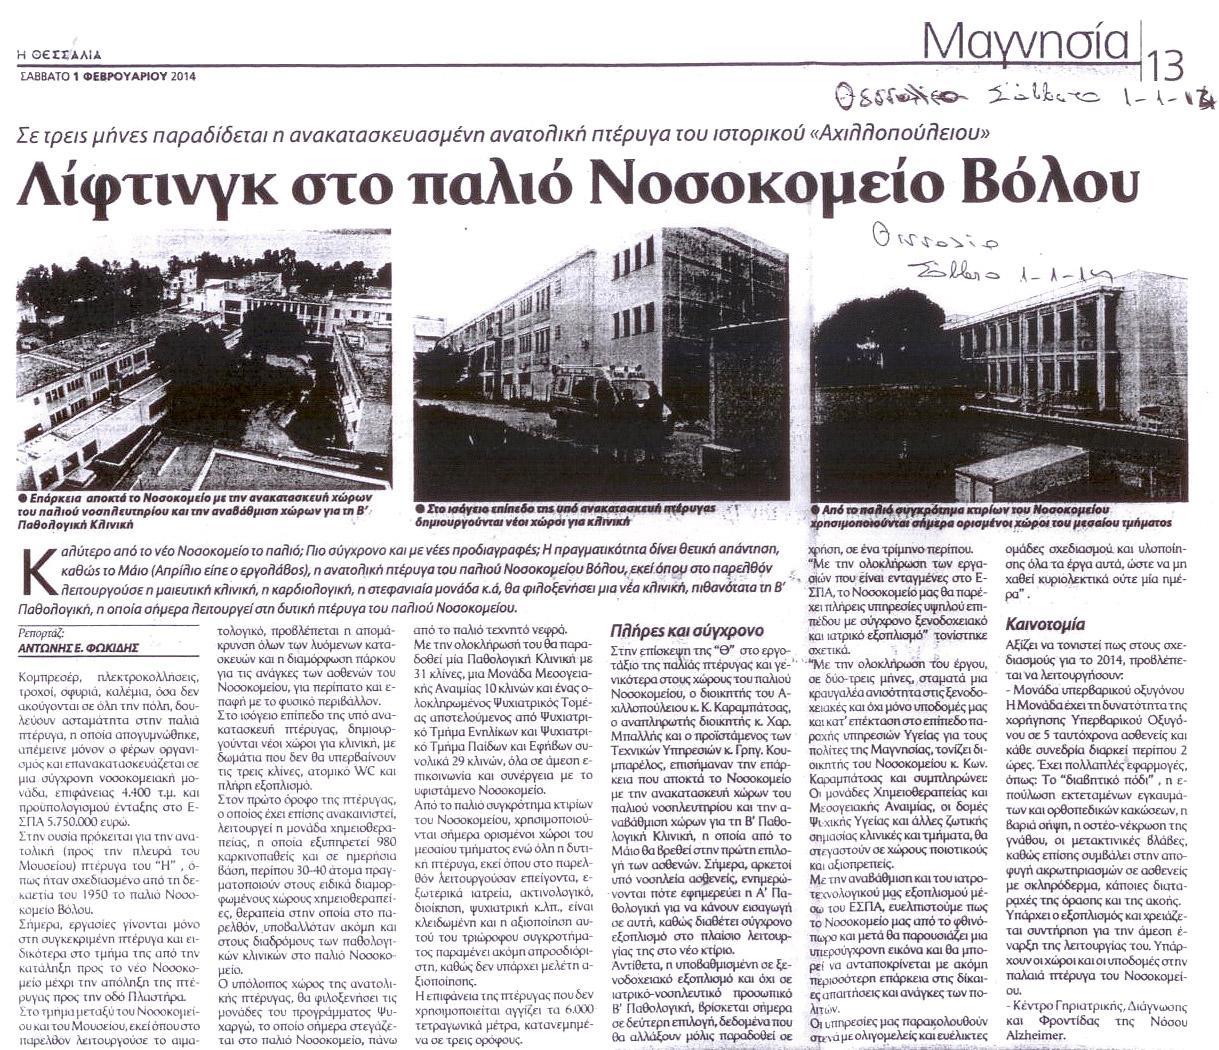 ΛΙΦΤΙΝΓΚ ΣΤΟ ΠΑΛΙΟ ΝΟΣΟΚΟΜΕΙΟ (ΘΕΣΣΑΛΙΑ 01.02.14)